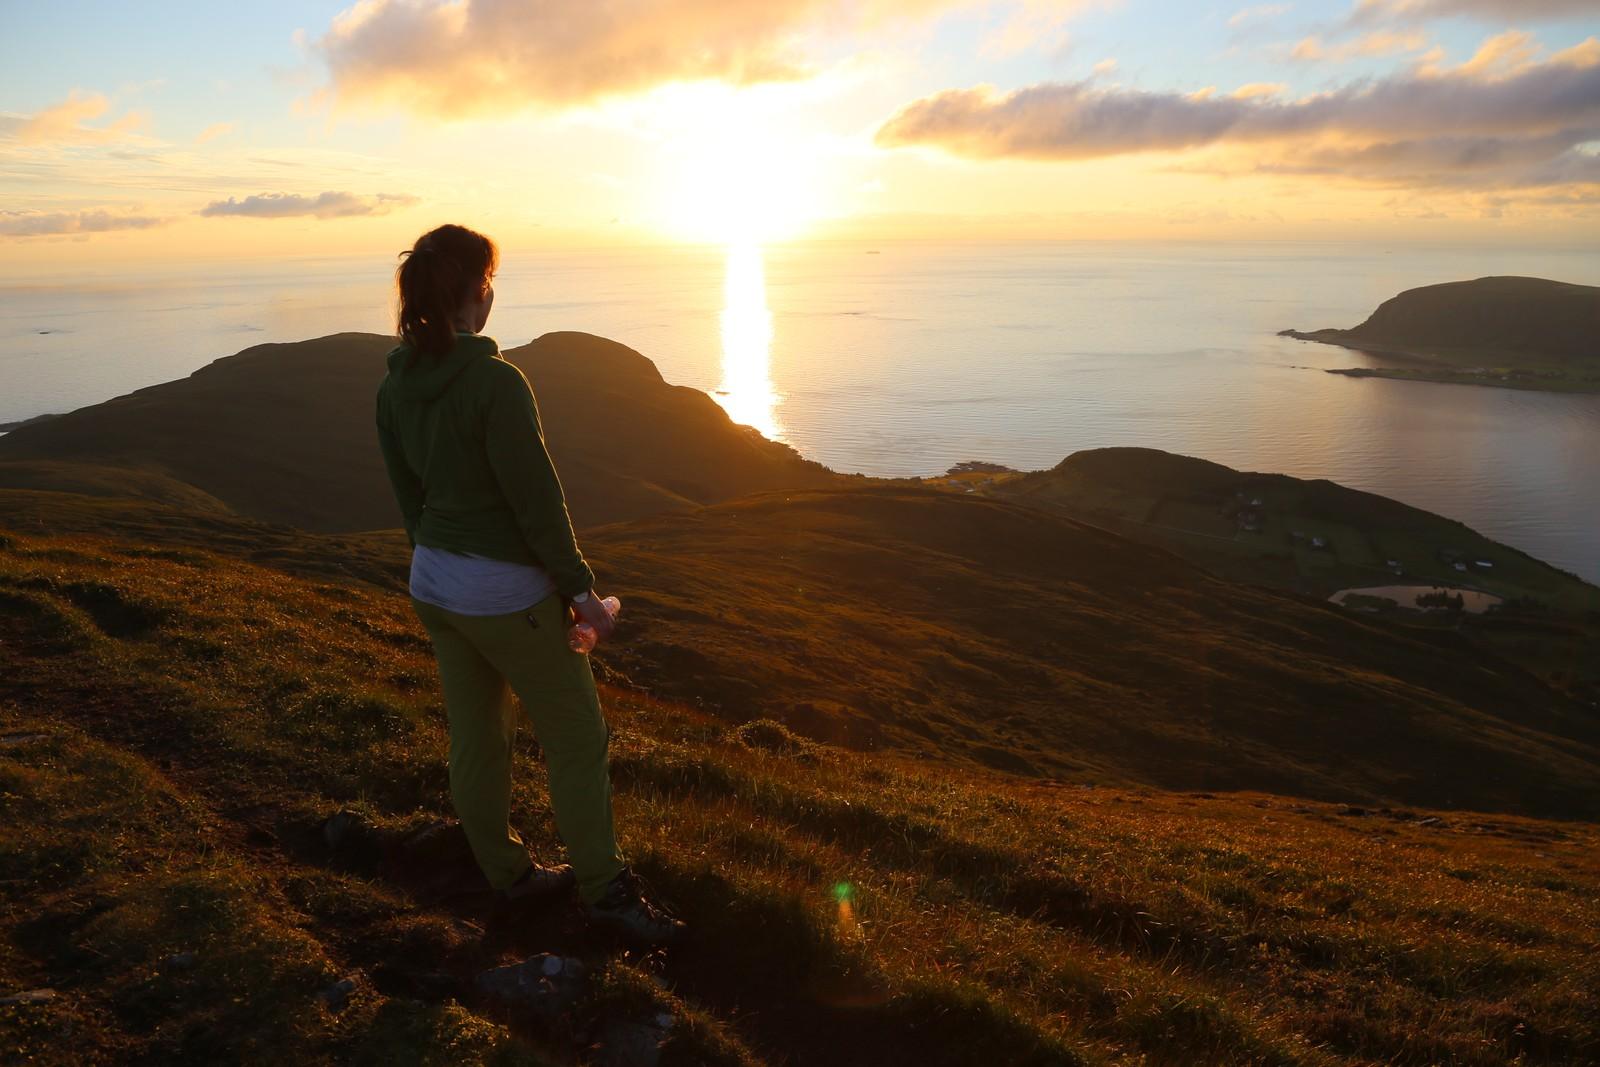 Det blåser ofte friskt ute på øyane, men når sola går ned utpå kvelden blir det ofte meir stille. Å stå slik og sjå utover havet gjer svært godt for kropp og sjel.